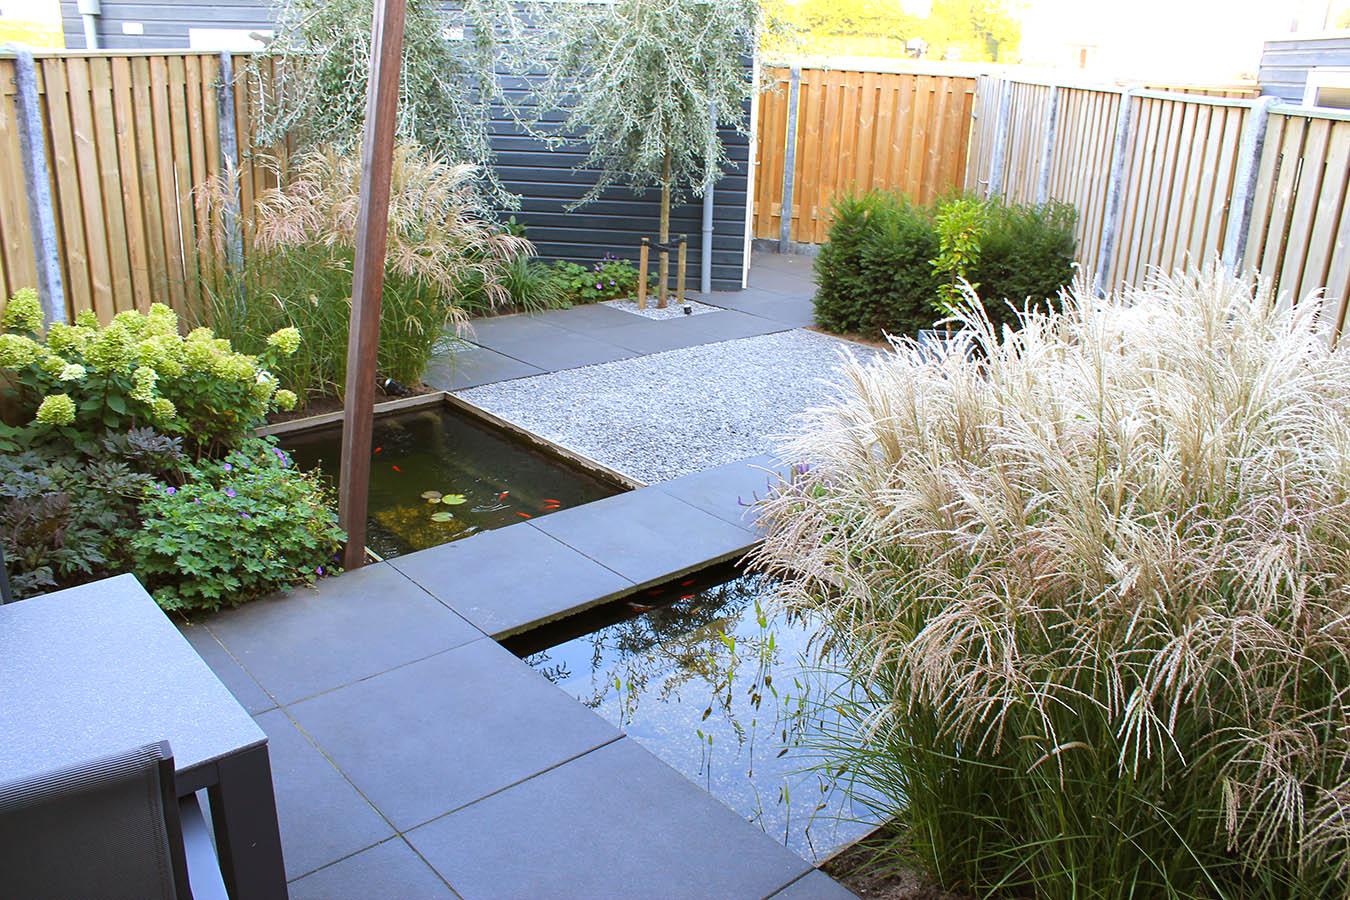 diagonale tuin_schuine hoeken_30 graden_schuinen lijnen_spannend tuinontwerp_kleine tuin_aanleg tuin_achtertuin_tuin zevenbergen_100x100cm tegel